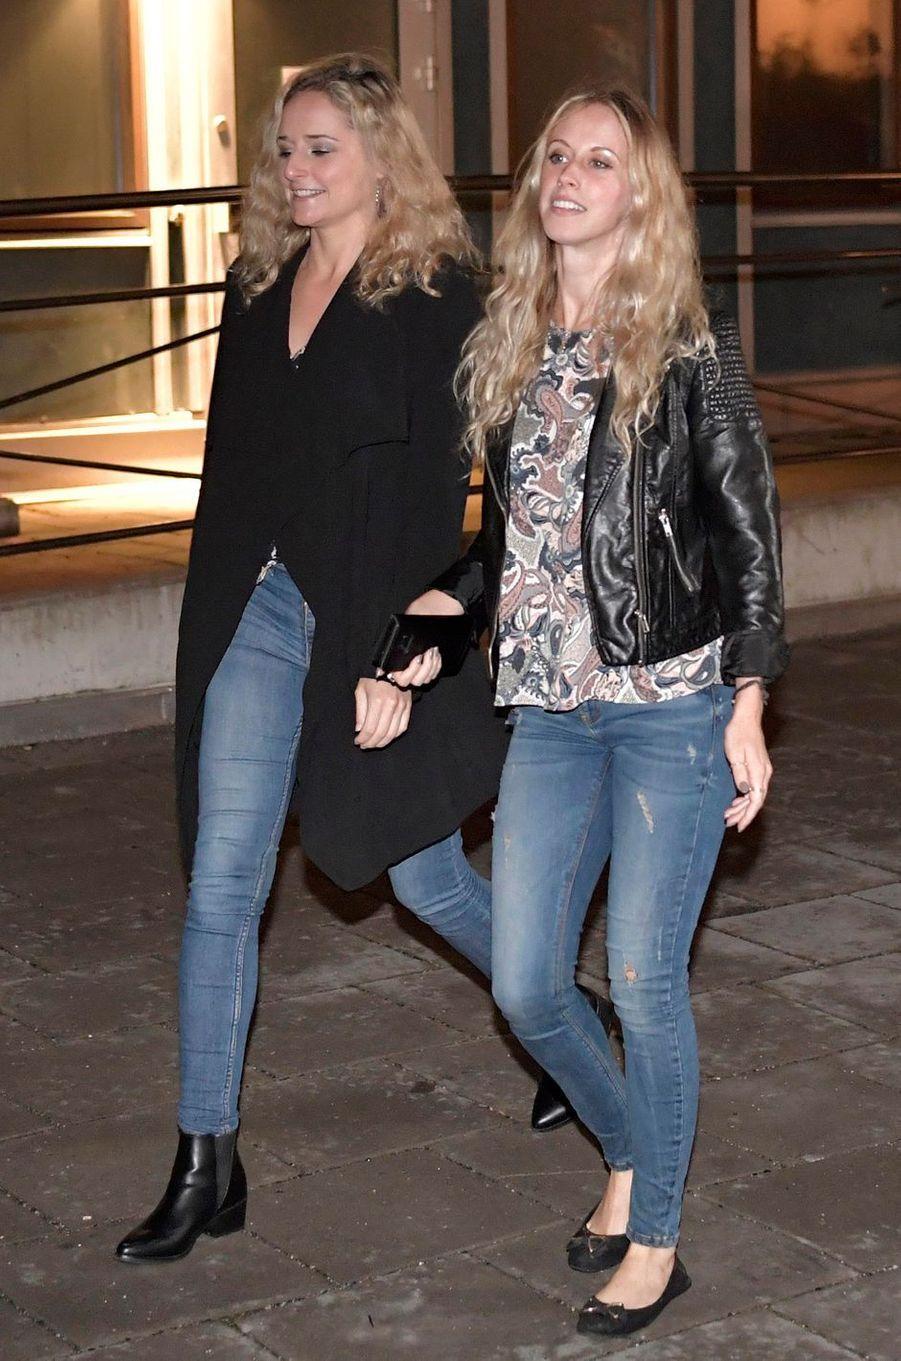 Lina Frejd et Sara Hellqvist, les soeurs de la princesse Sofia de Suède, à Stockholm, le 31 août 2017